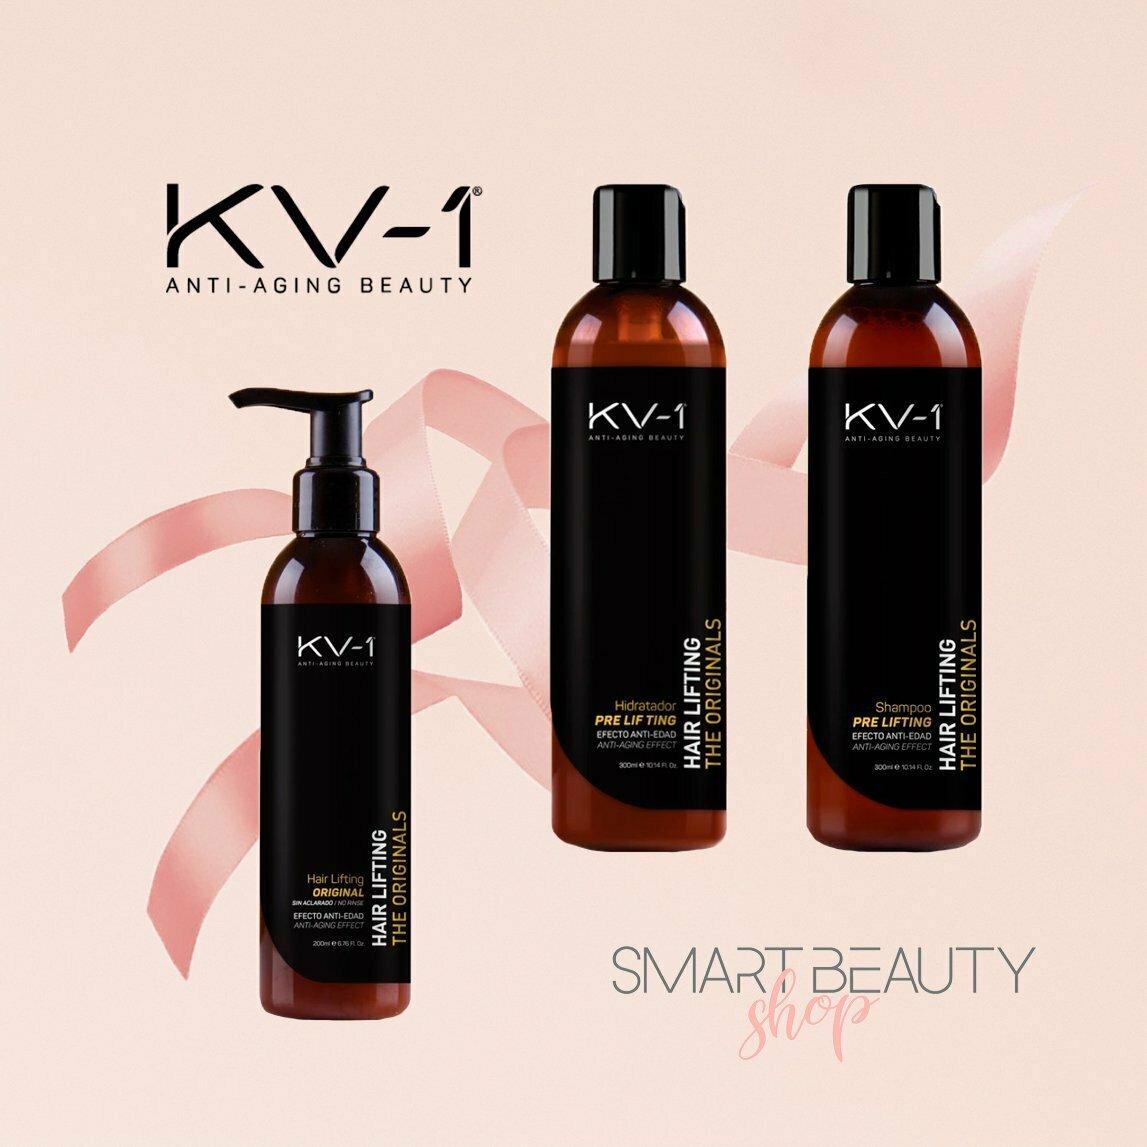 KV-1 сет для укрепления и уплотнения волос